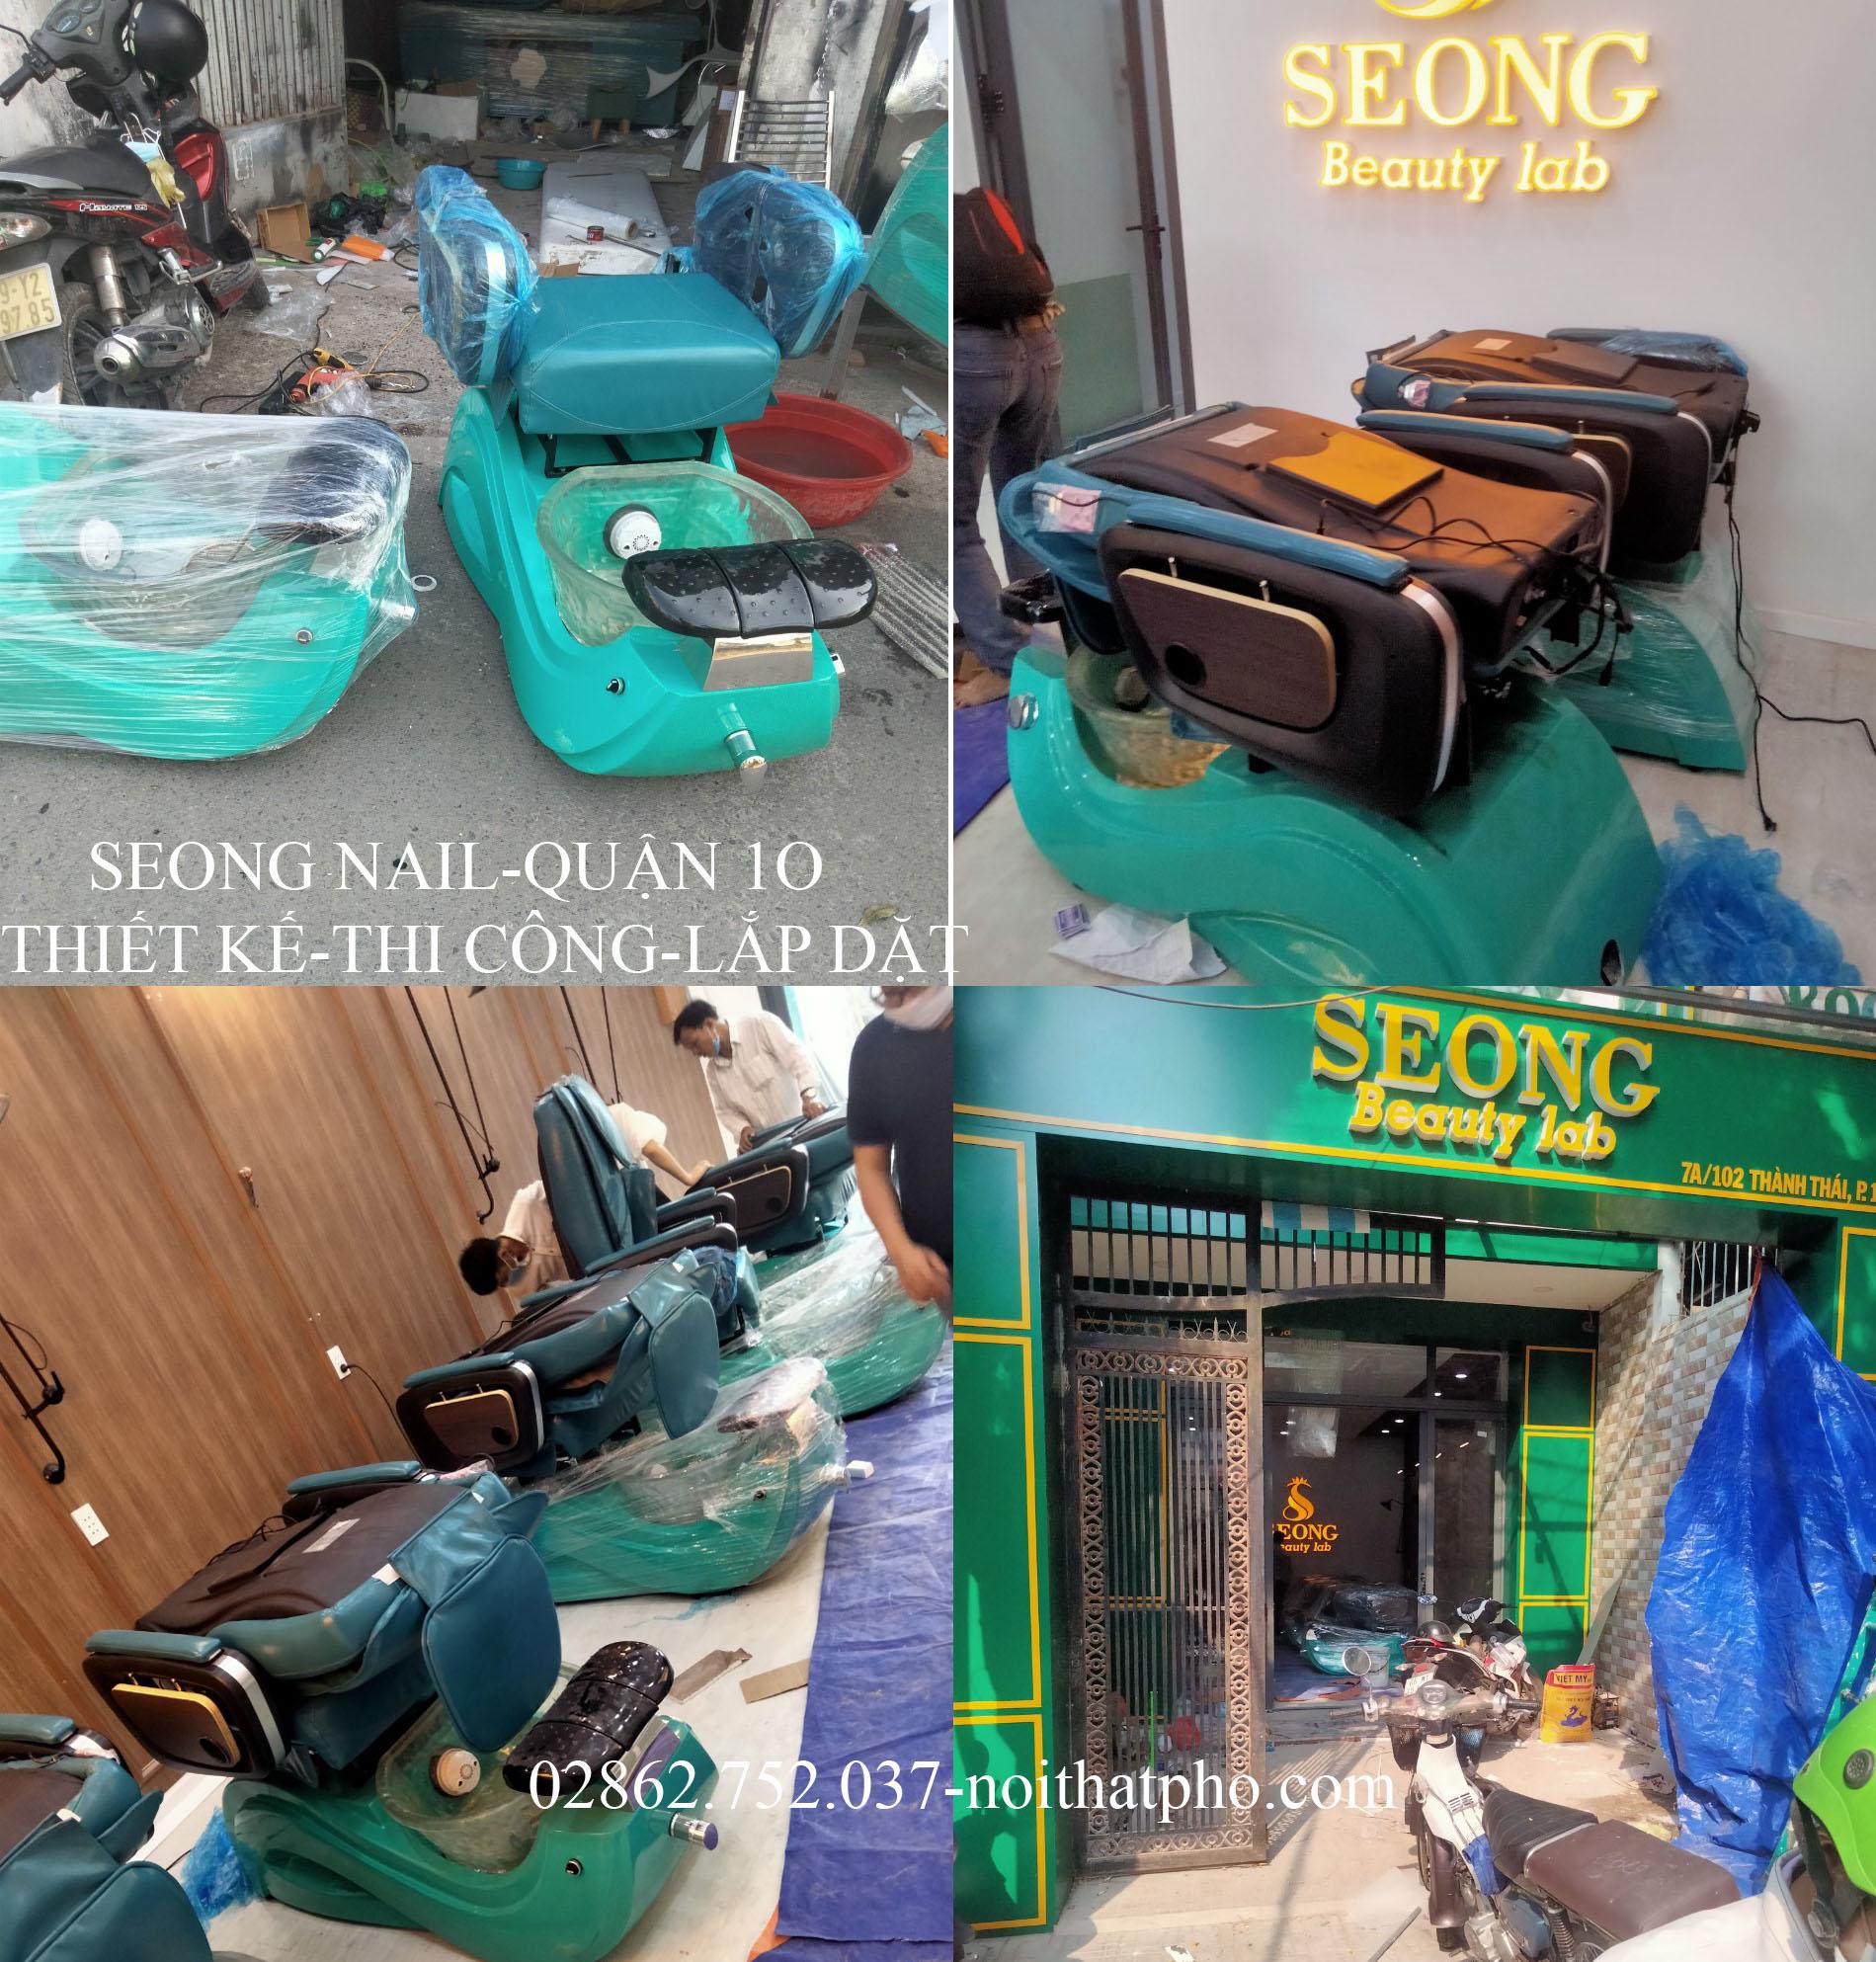 +6 Yếu tố quan trọng không thể bỏ qua nếu mở tiệm Nail tại Việt Nam